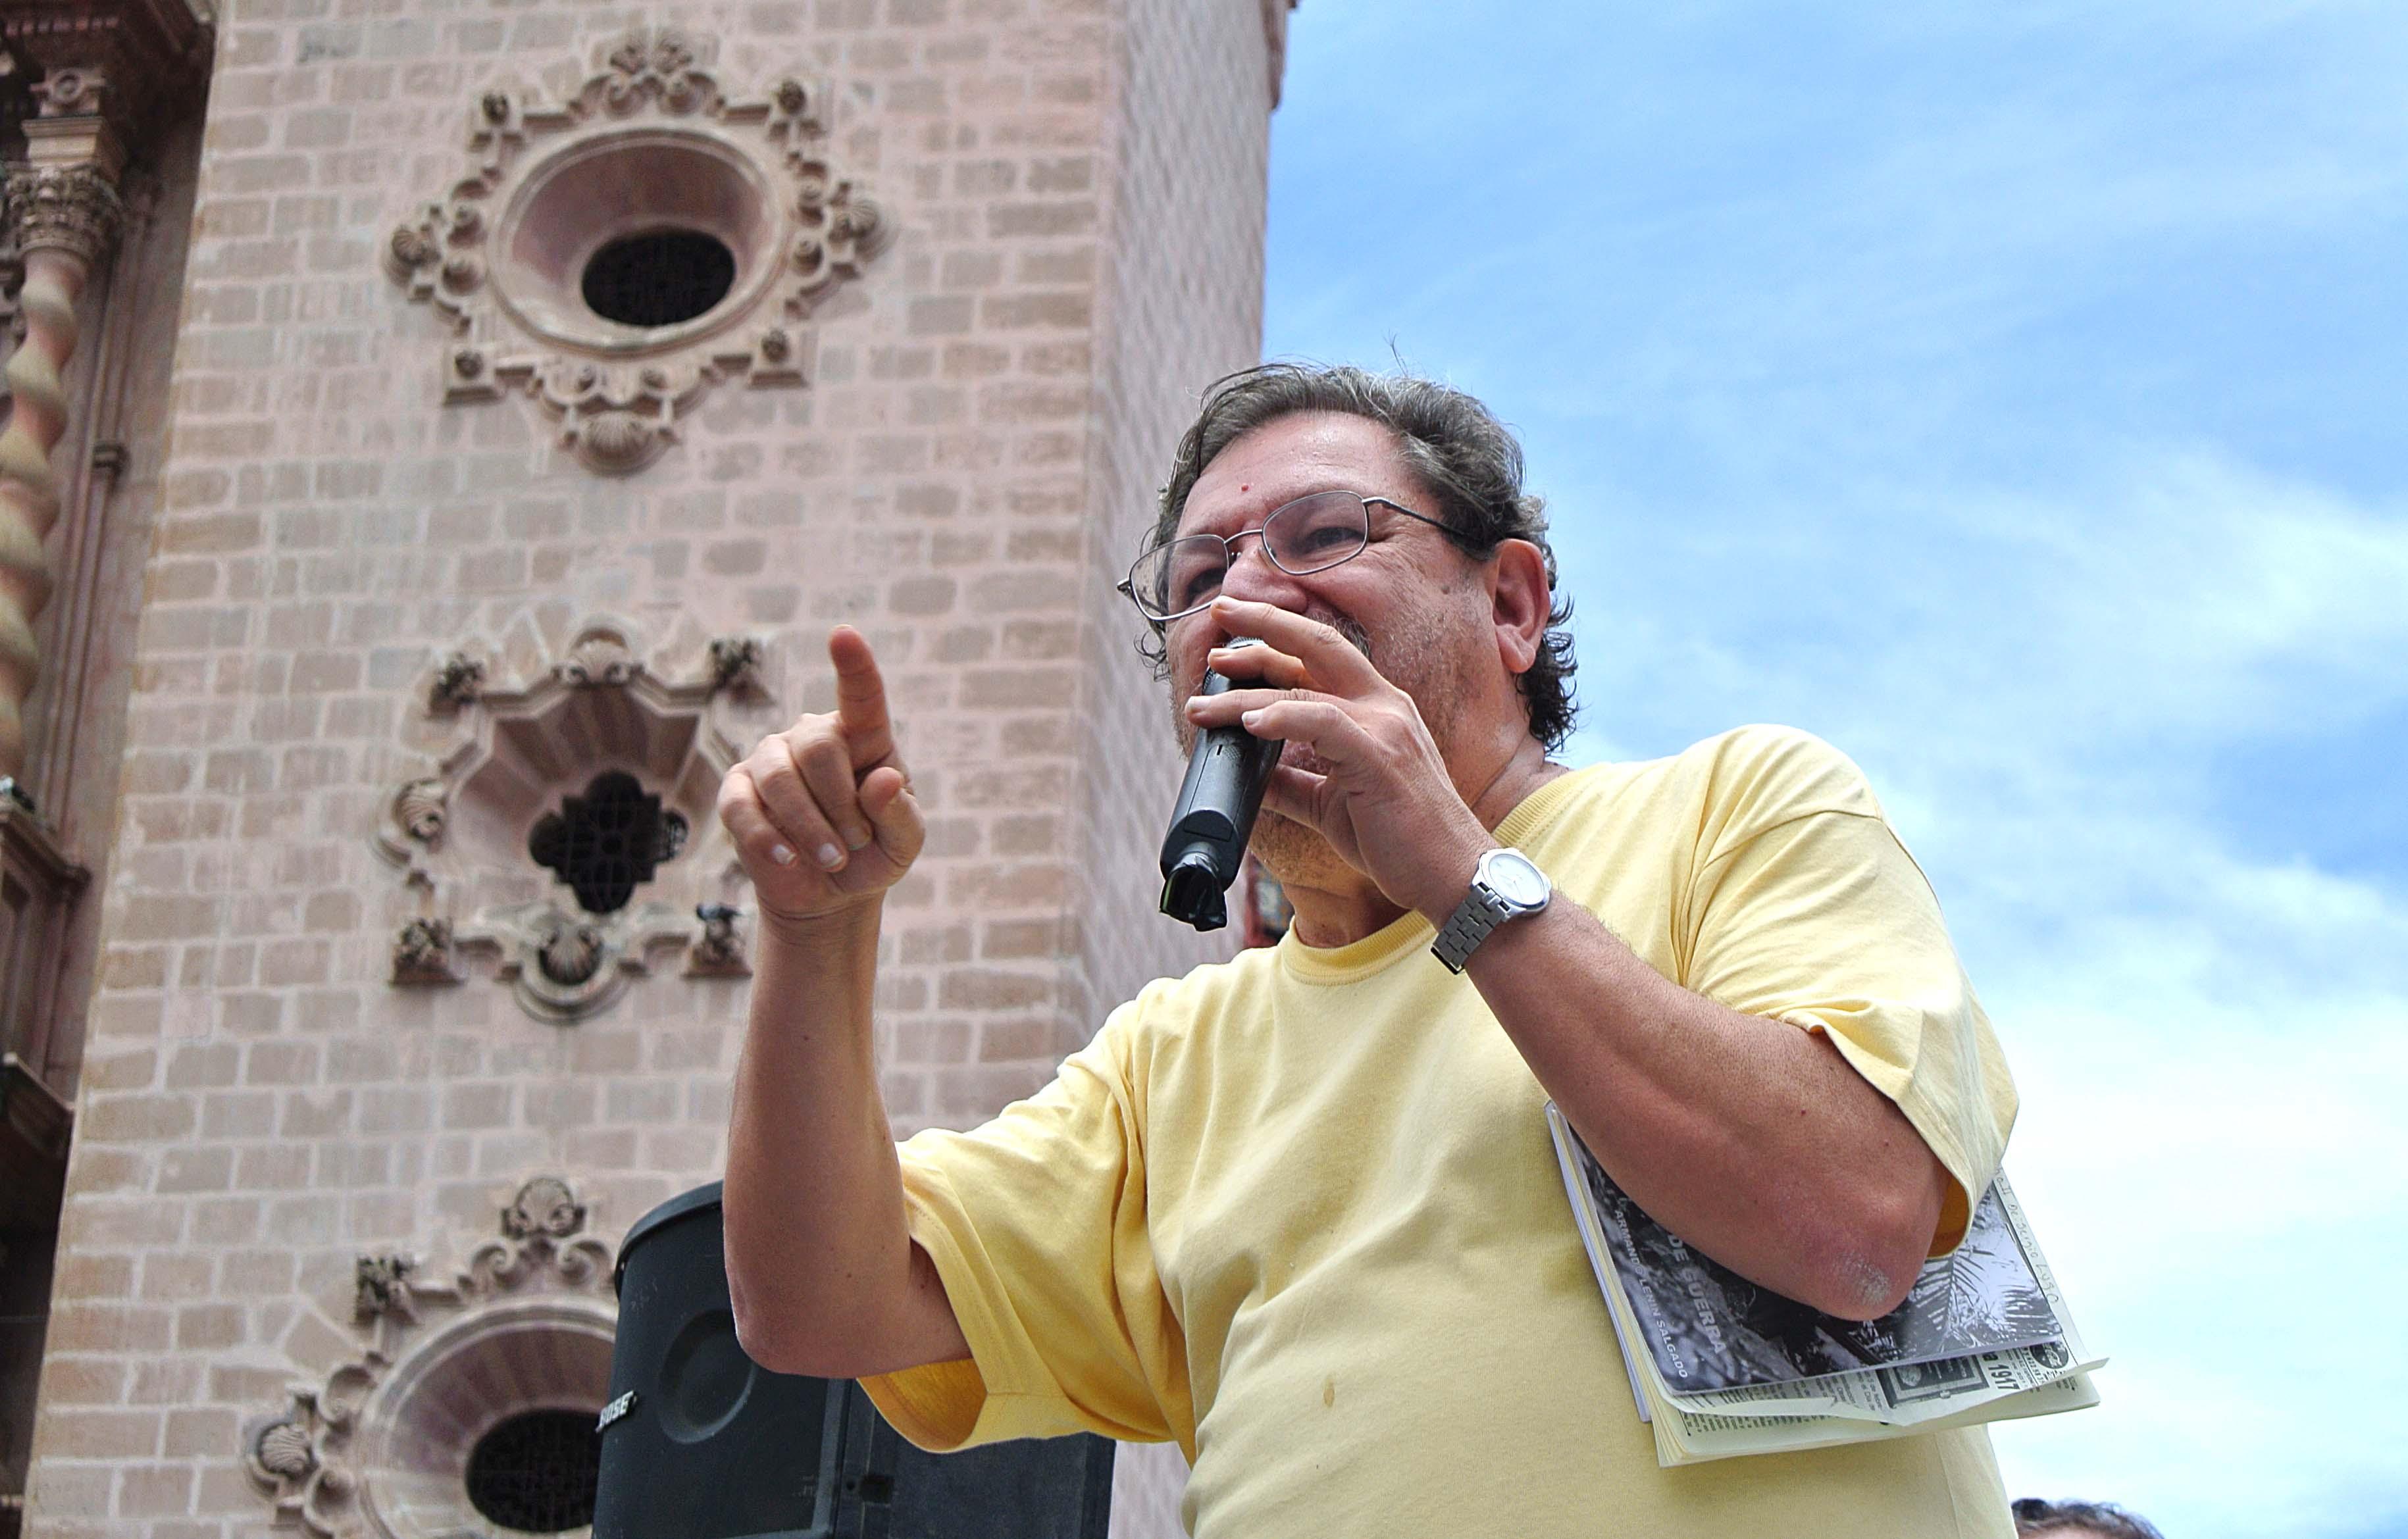 cv-ignacio-taibo-mineros-taxco.jpg: El escritor y luchador social, Paco Ignacio Taibo, en su cercanía con los mineros y la gente en la marcha por los 7 años de huelga minera en Taxco. Foto: Claudio Viveros.